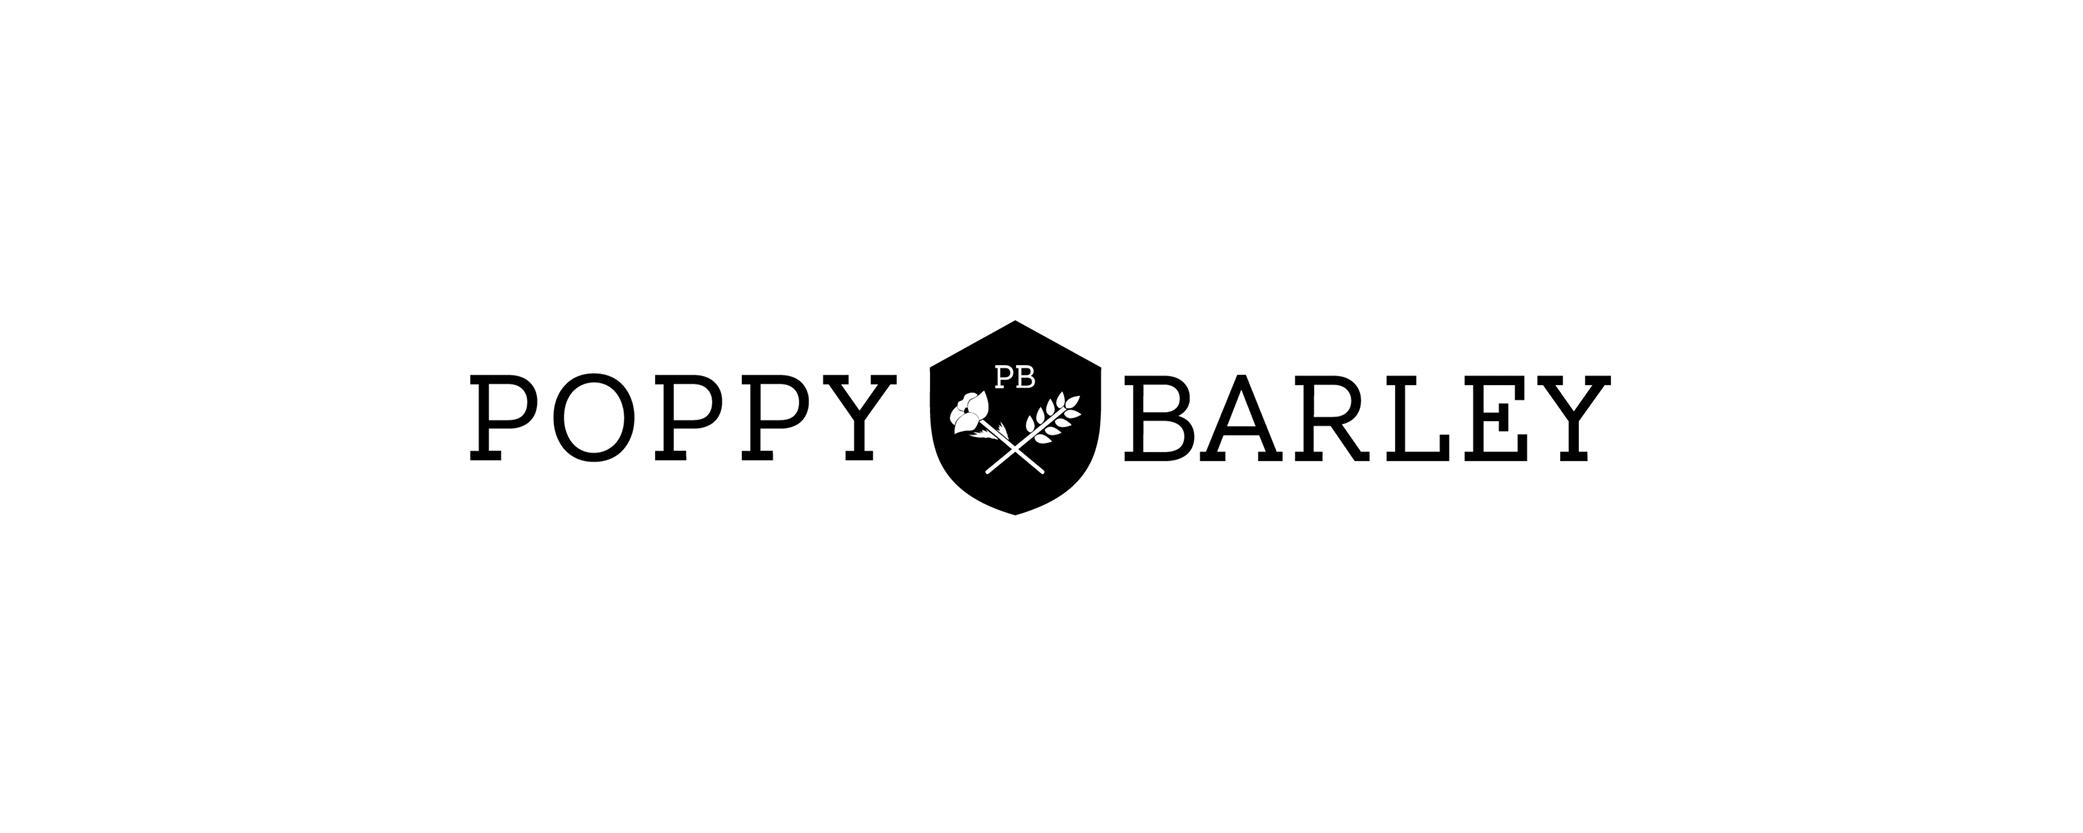 poppy barley.jpg